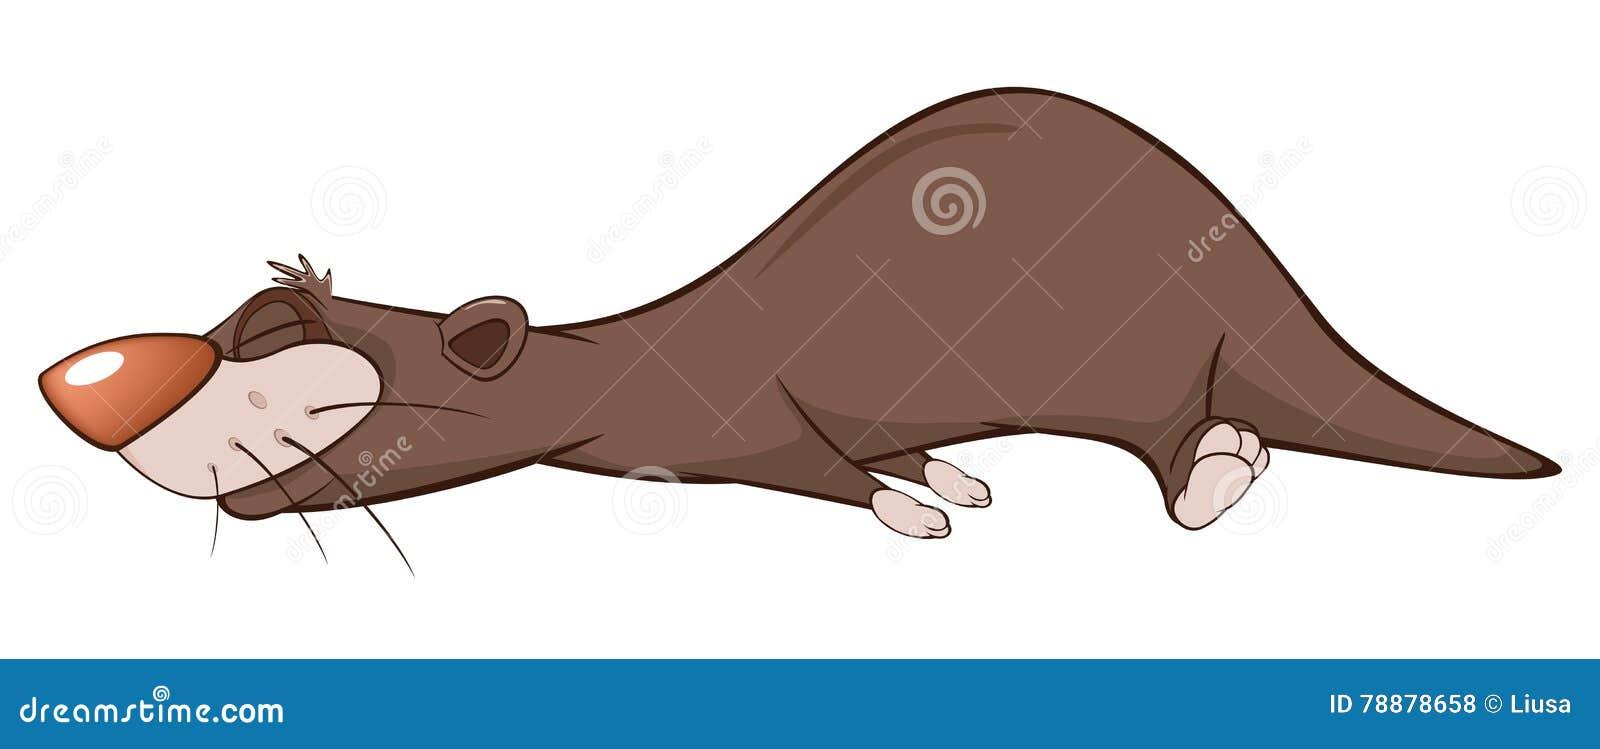 Illustrazione di una lontra sveglia personaggio dei cartoni animati